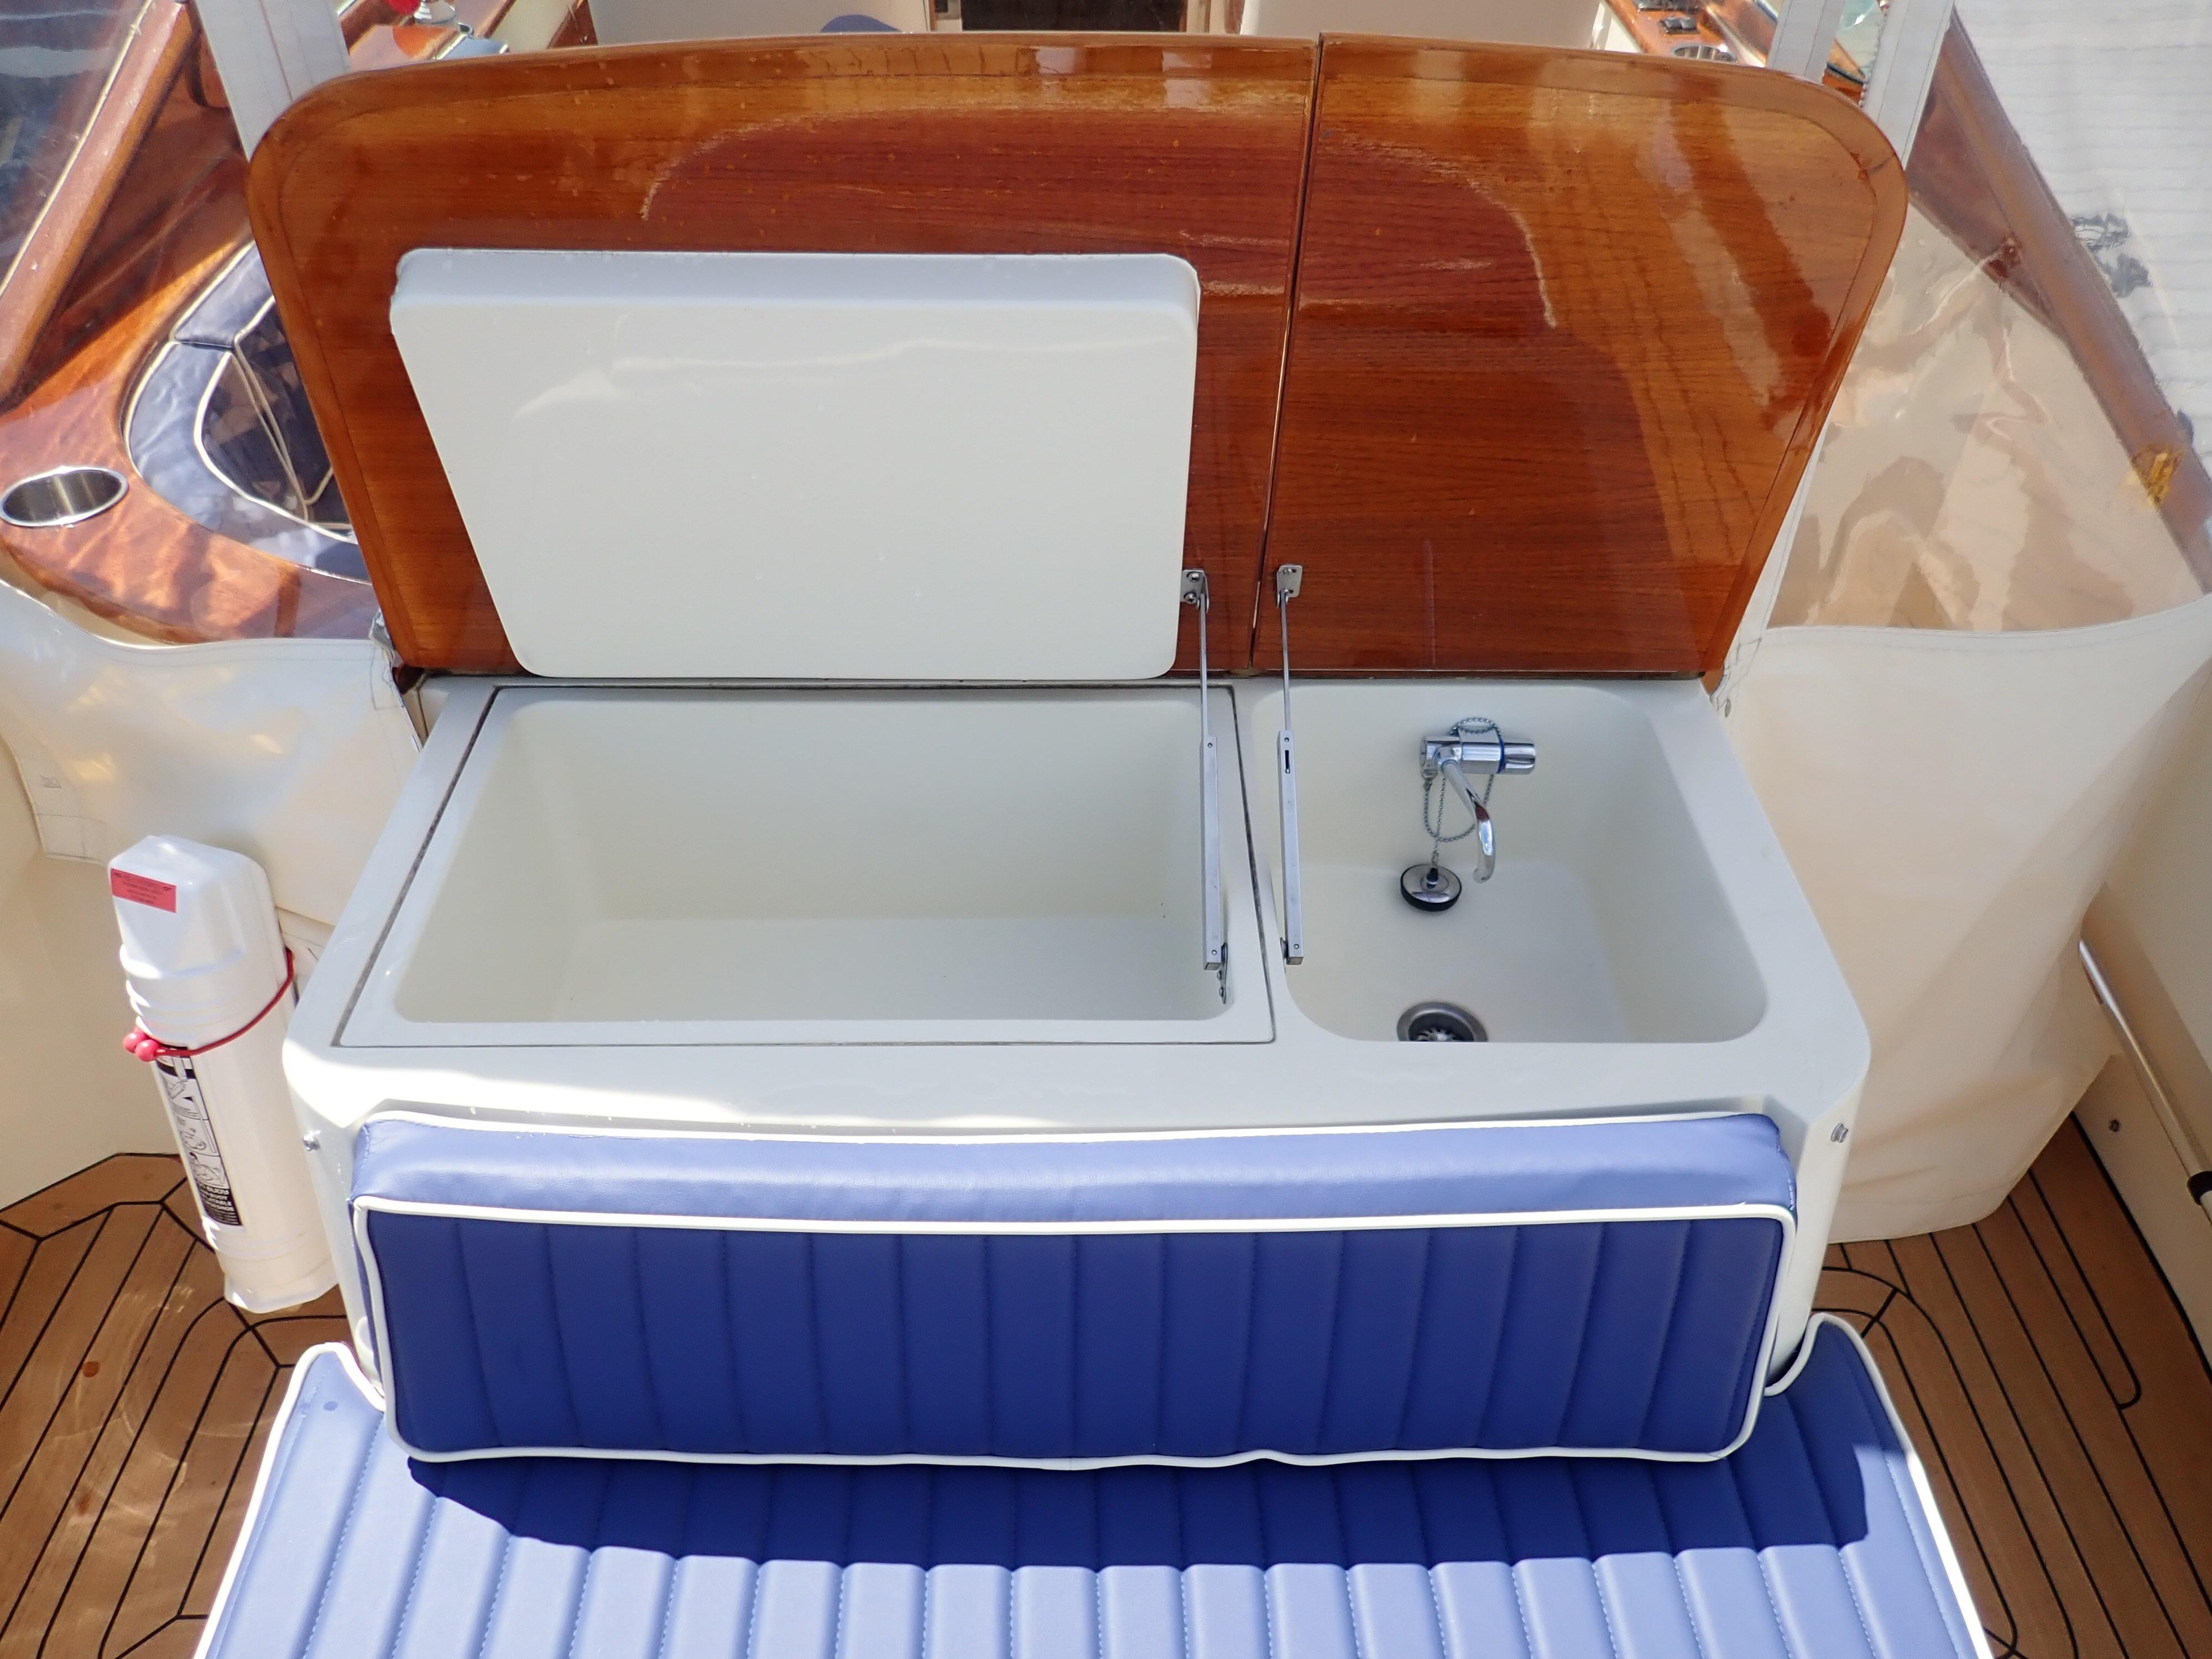 Cooler/sink